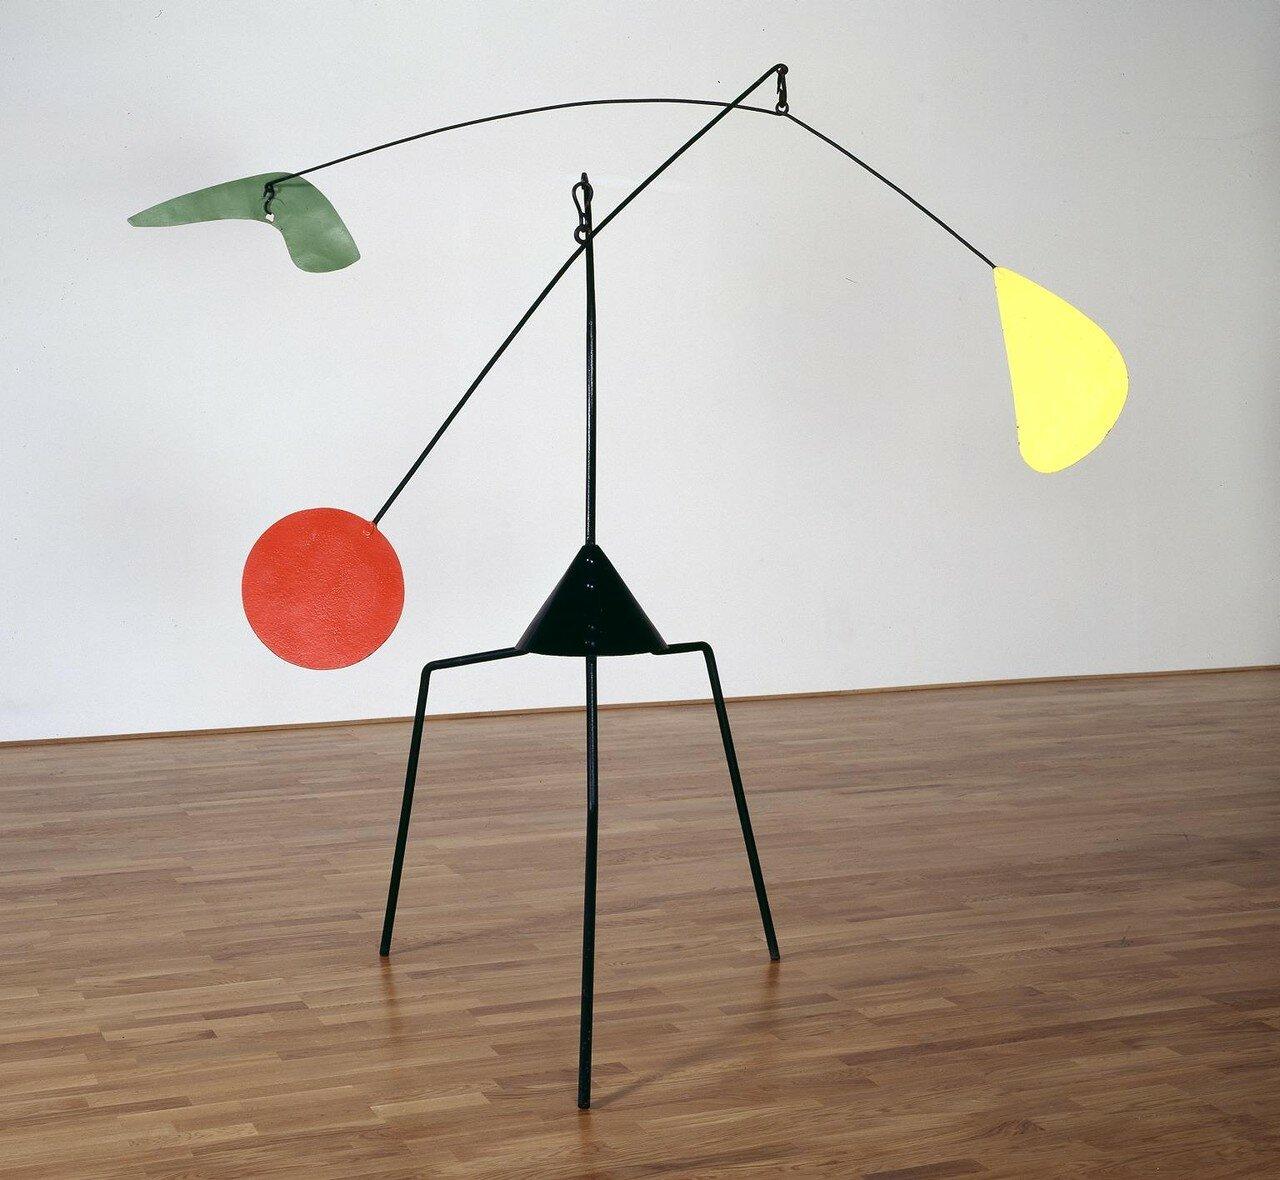 Александр Колдер - Все интересное в искусстве и не только.